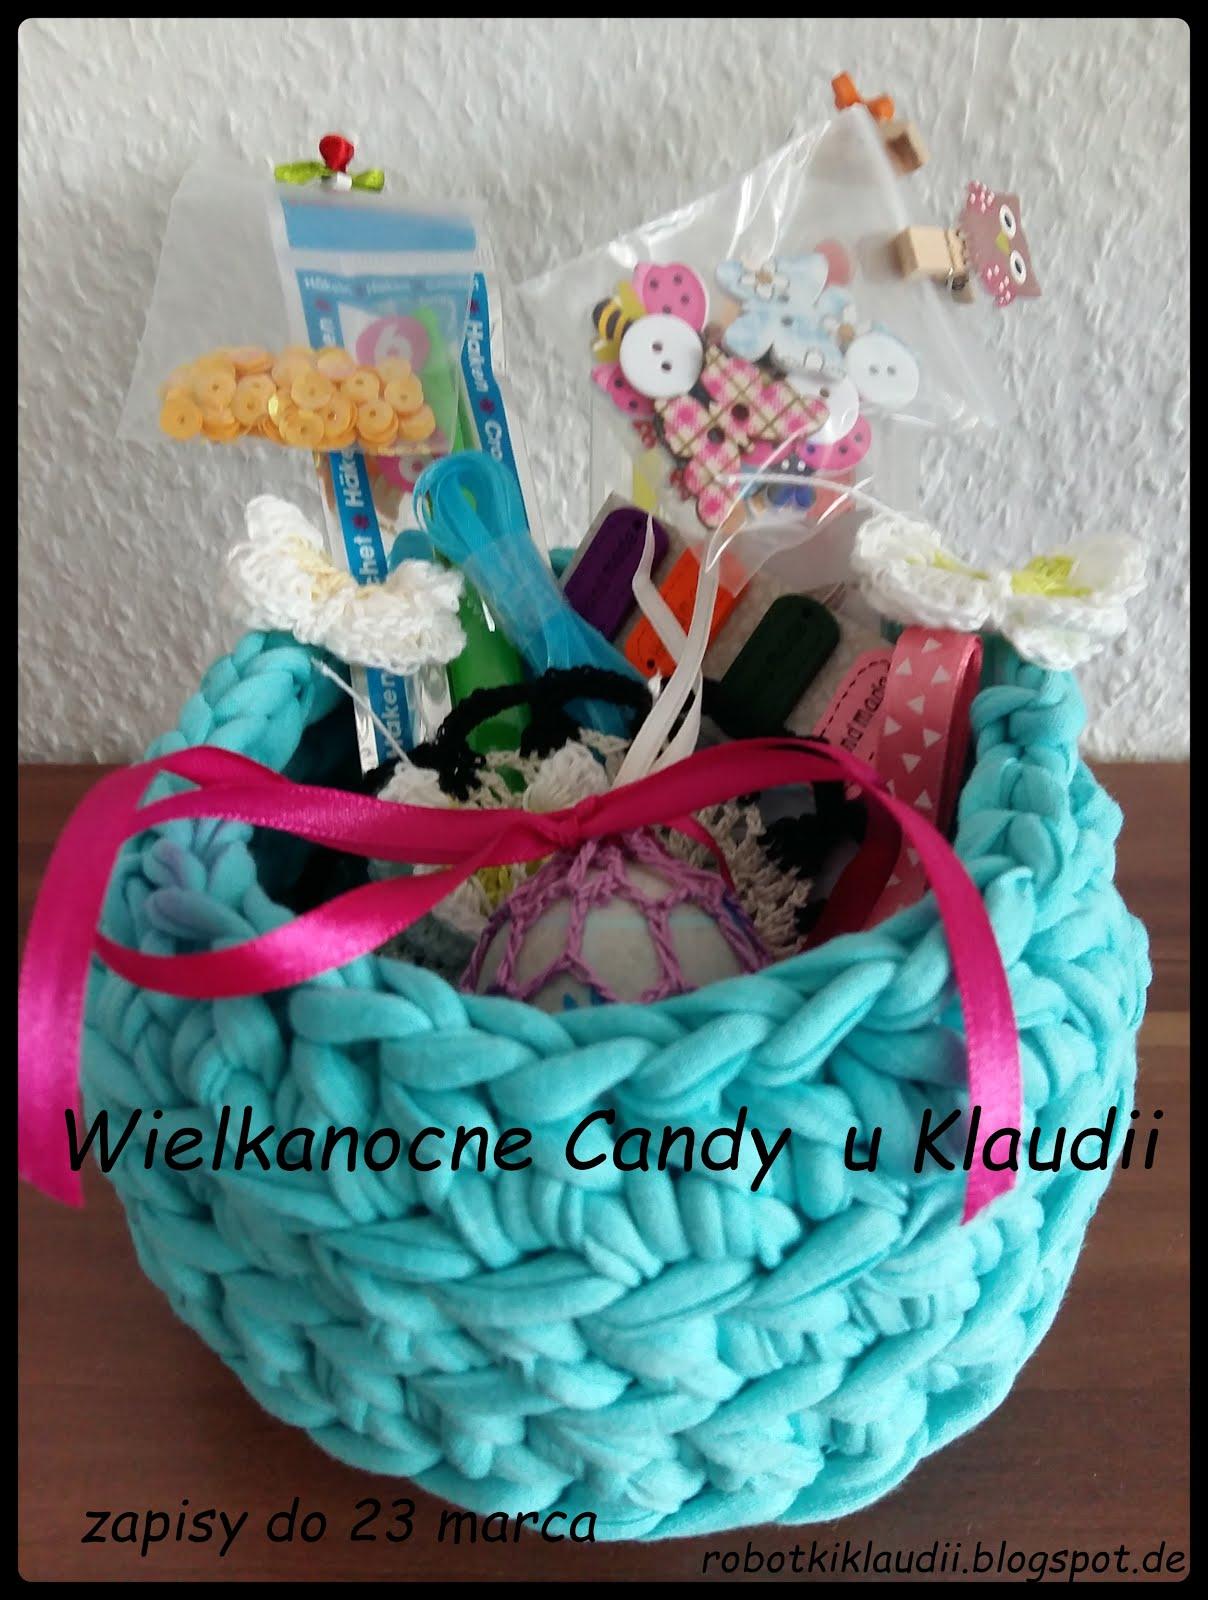 Wielkanocne Candy u Klaudii